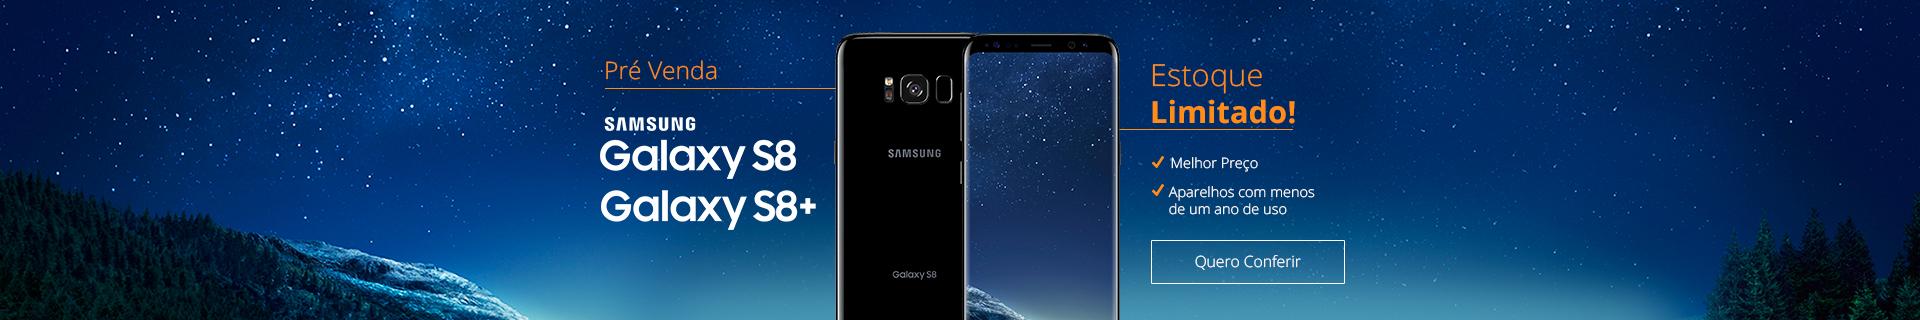 Pré venda Samsung Galaxy S8